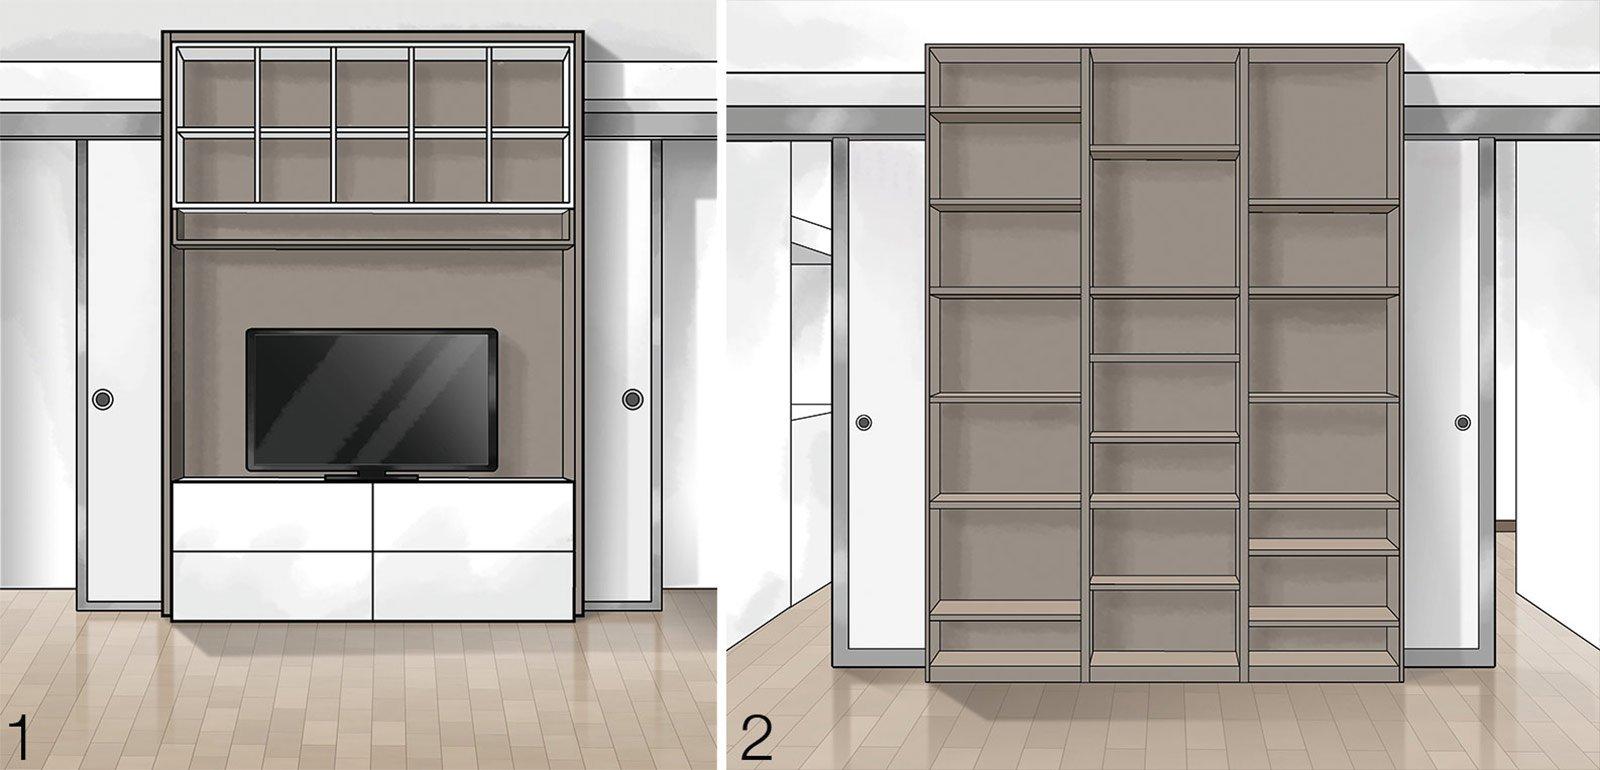 Suddivisioni ottimizzate per la casa di meno di 100 mq cose di casa - Libreria per cucina ...